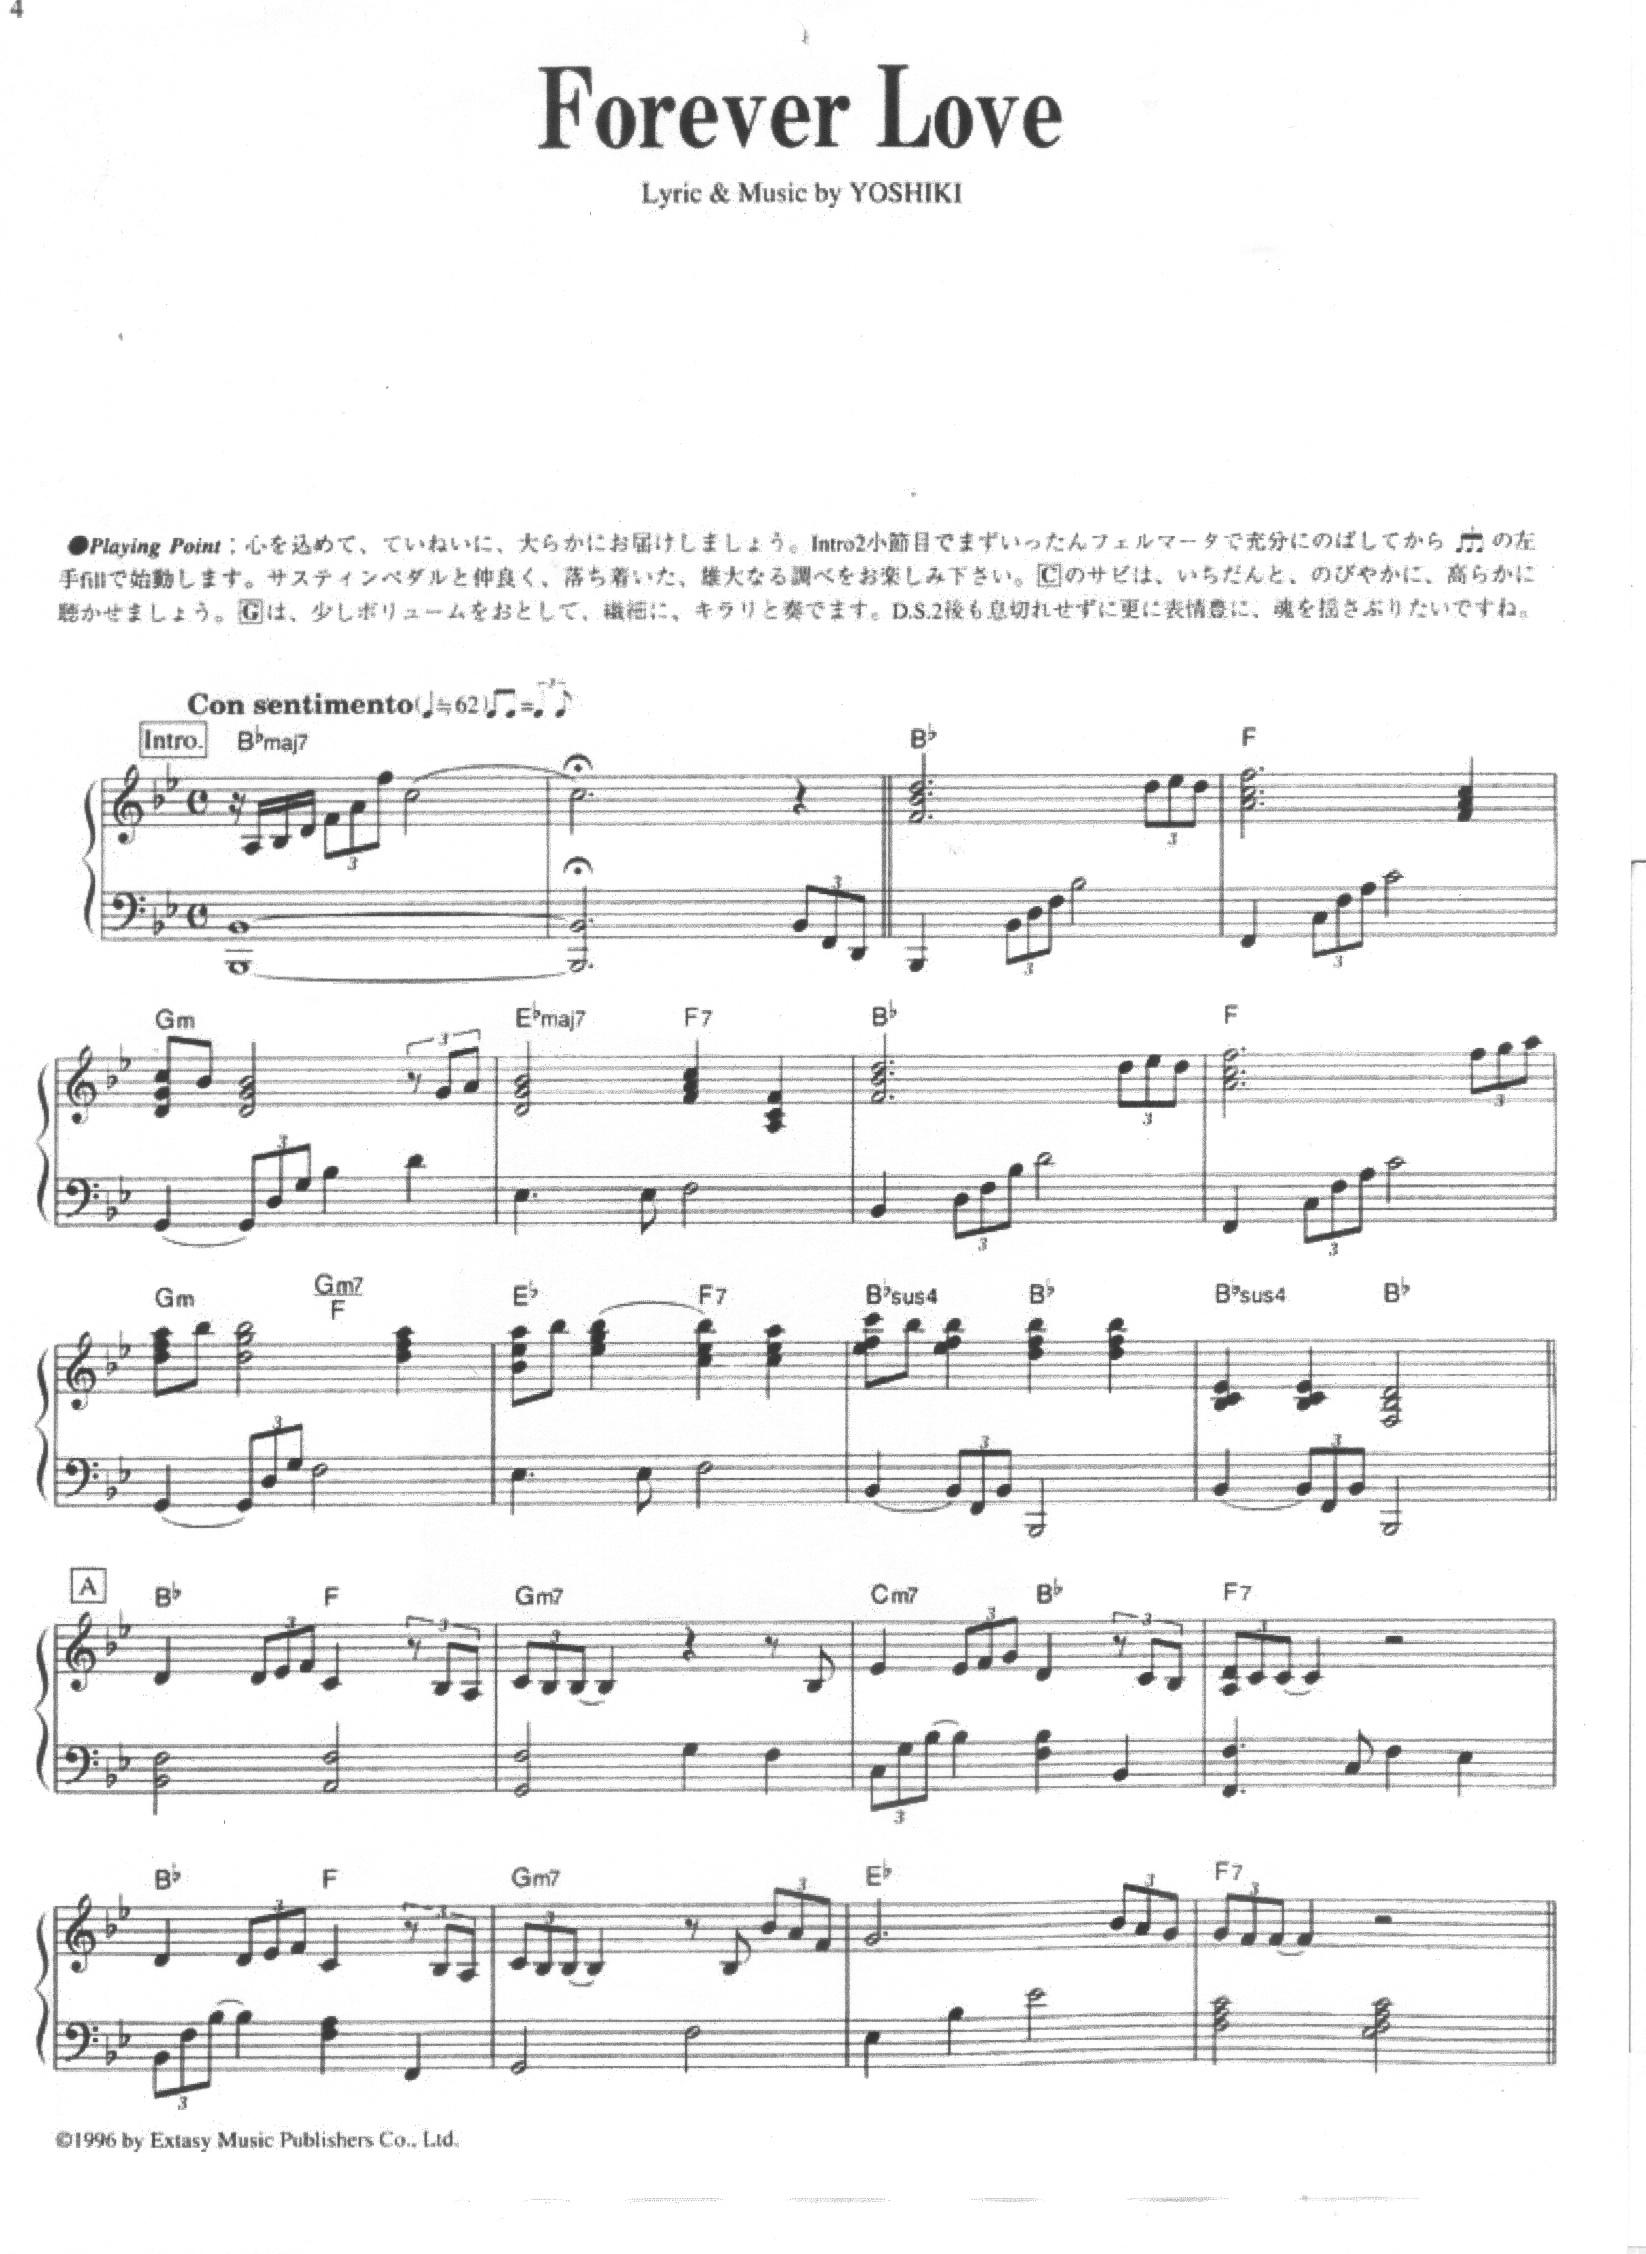 Forever Love piano solo p1